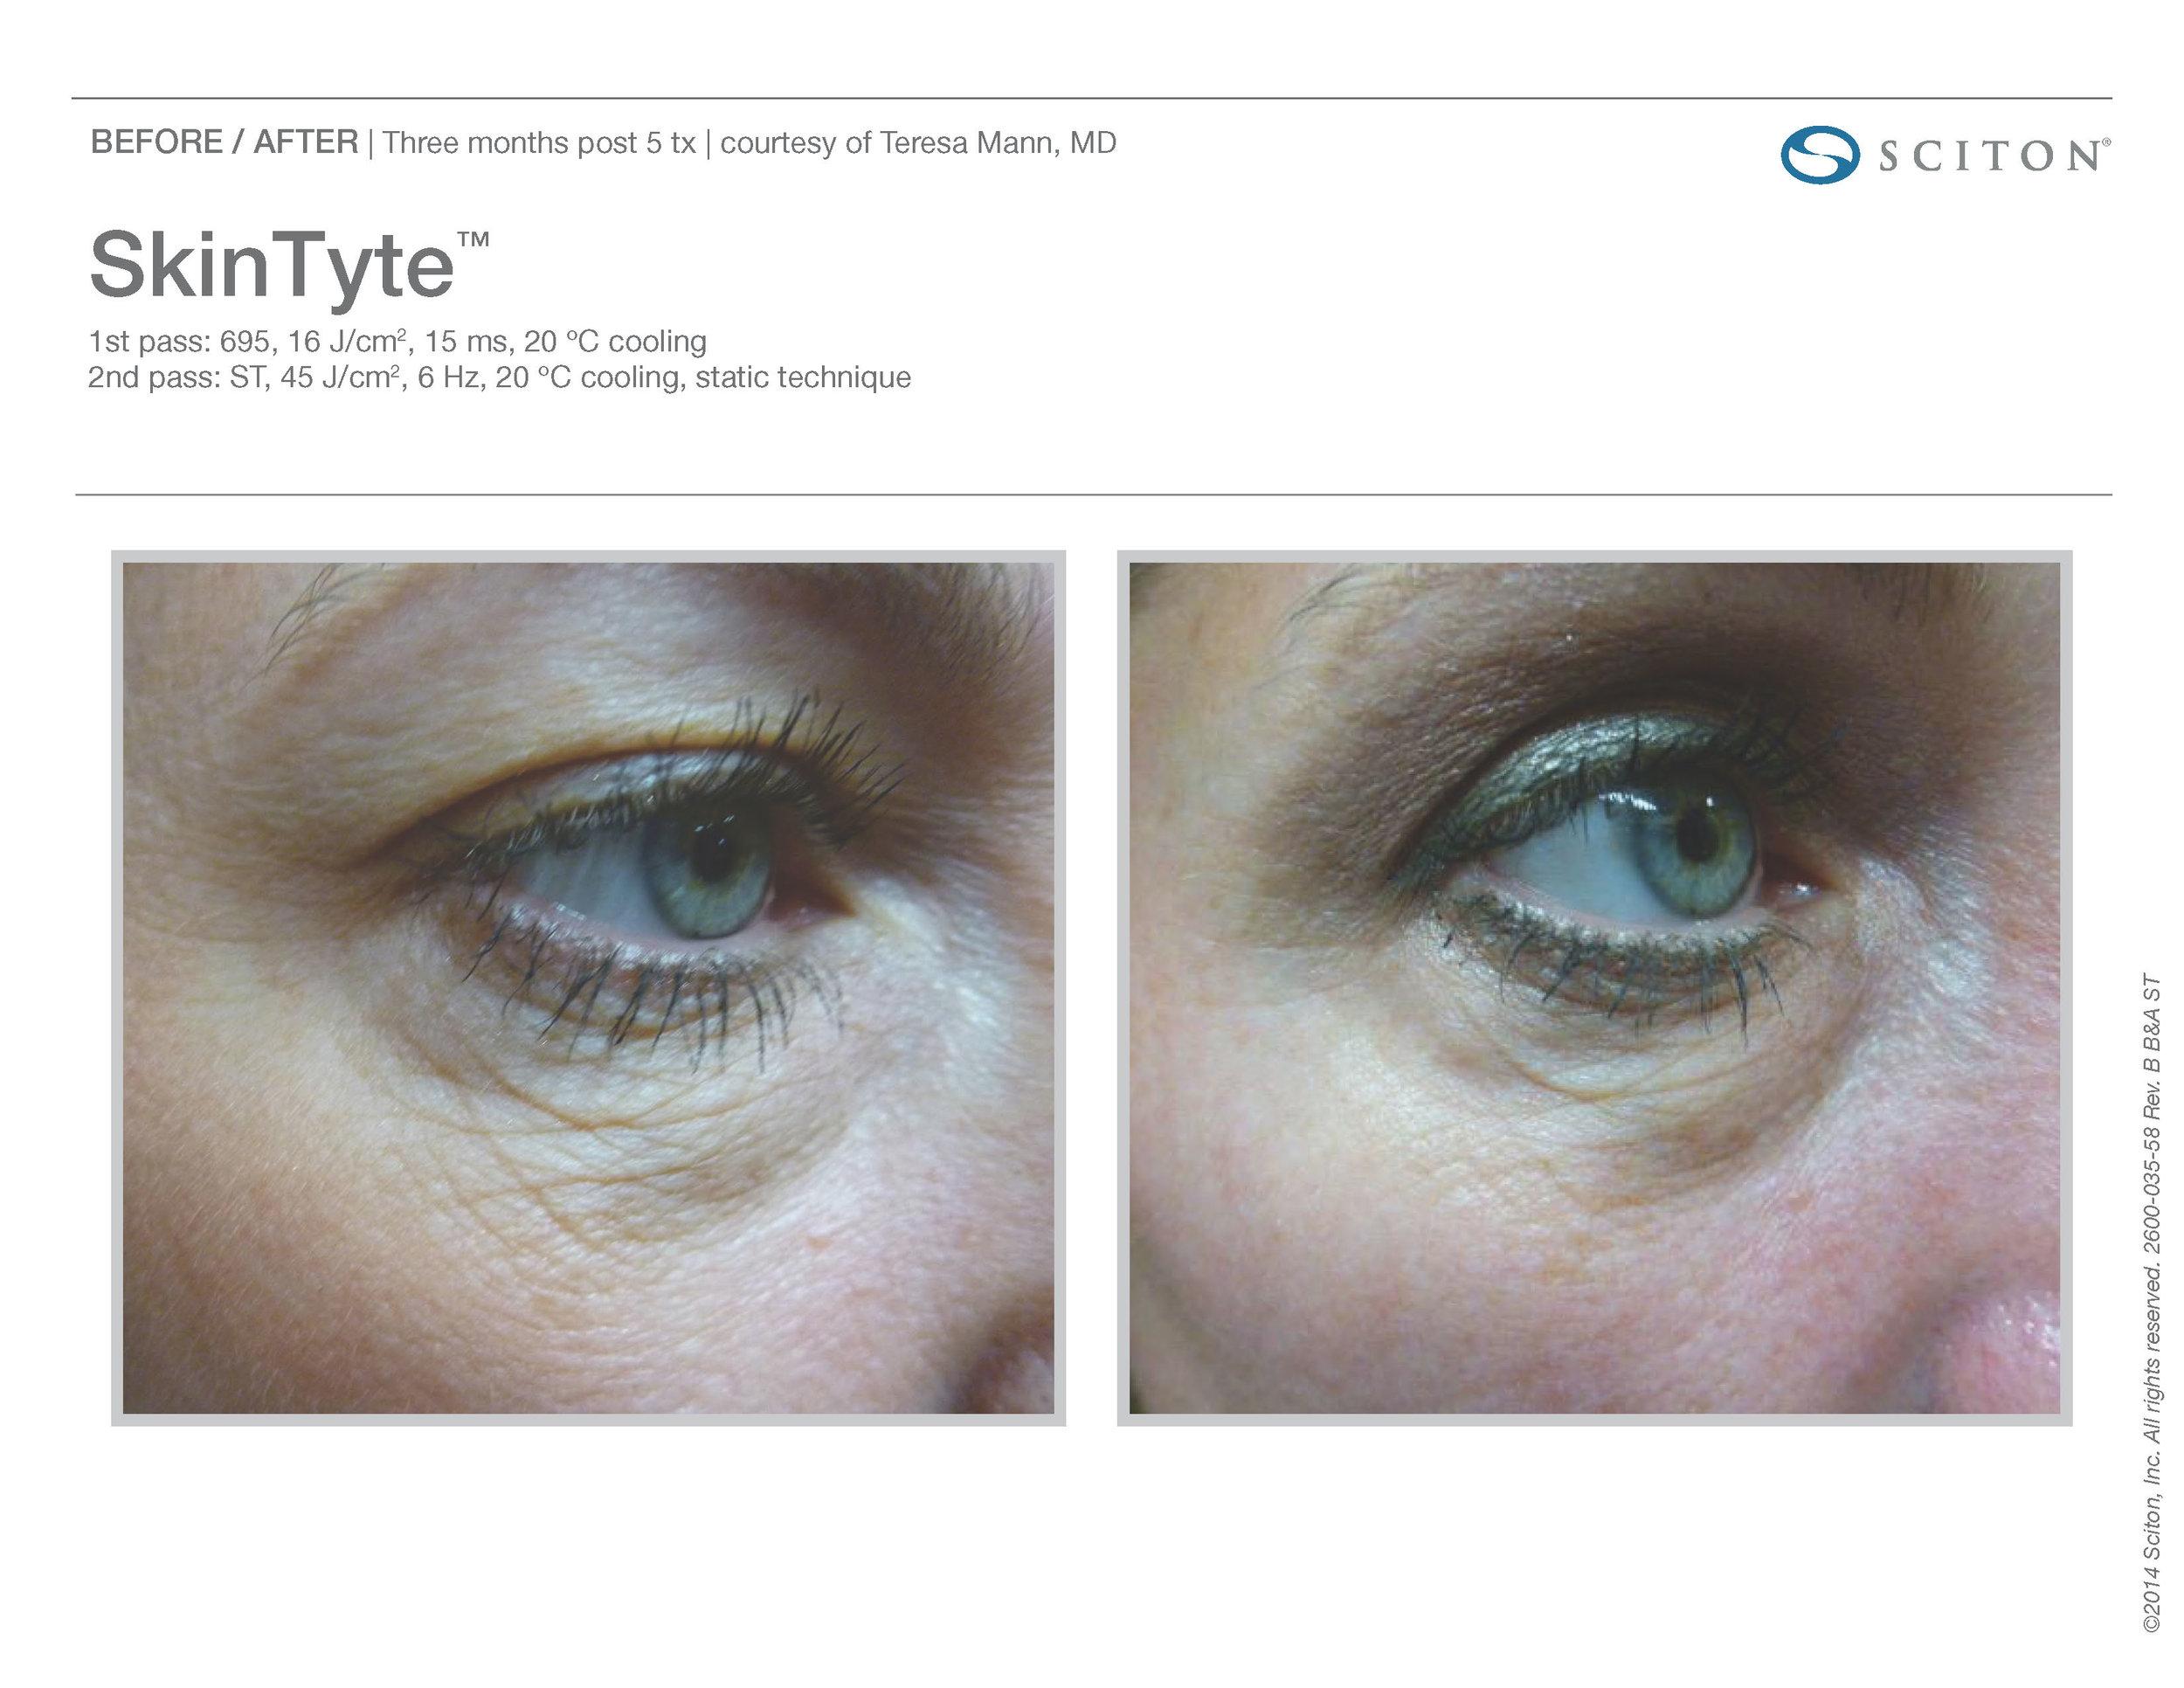 SkinTyte B&A Nov'17_Page_11.jpg